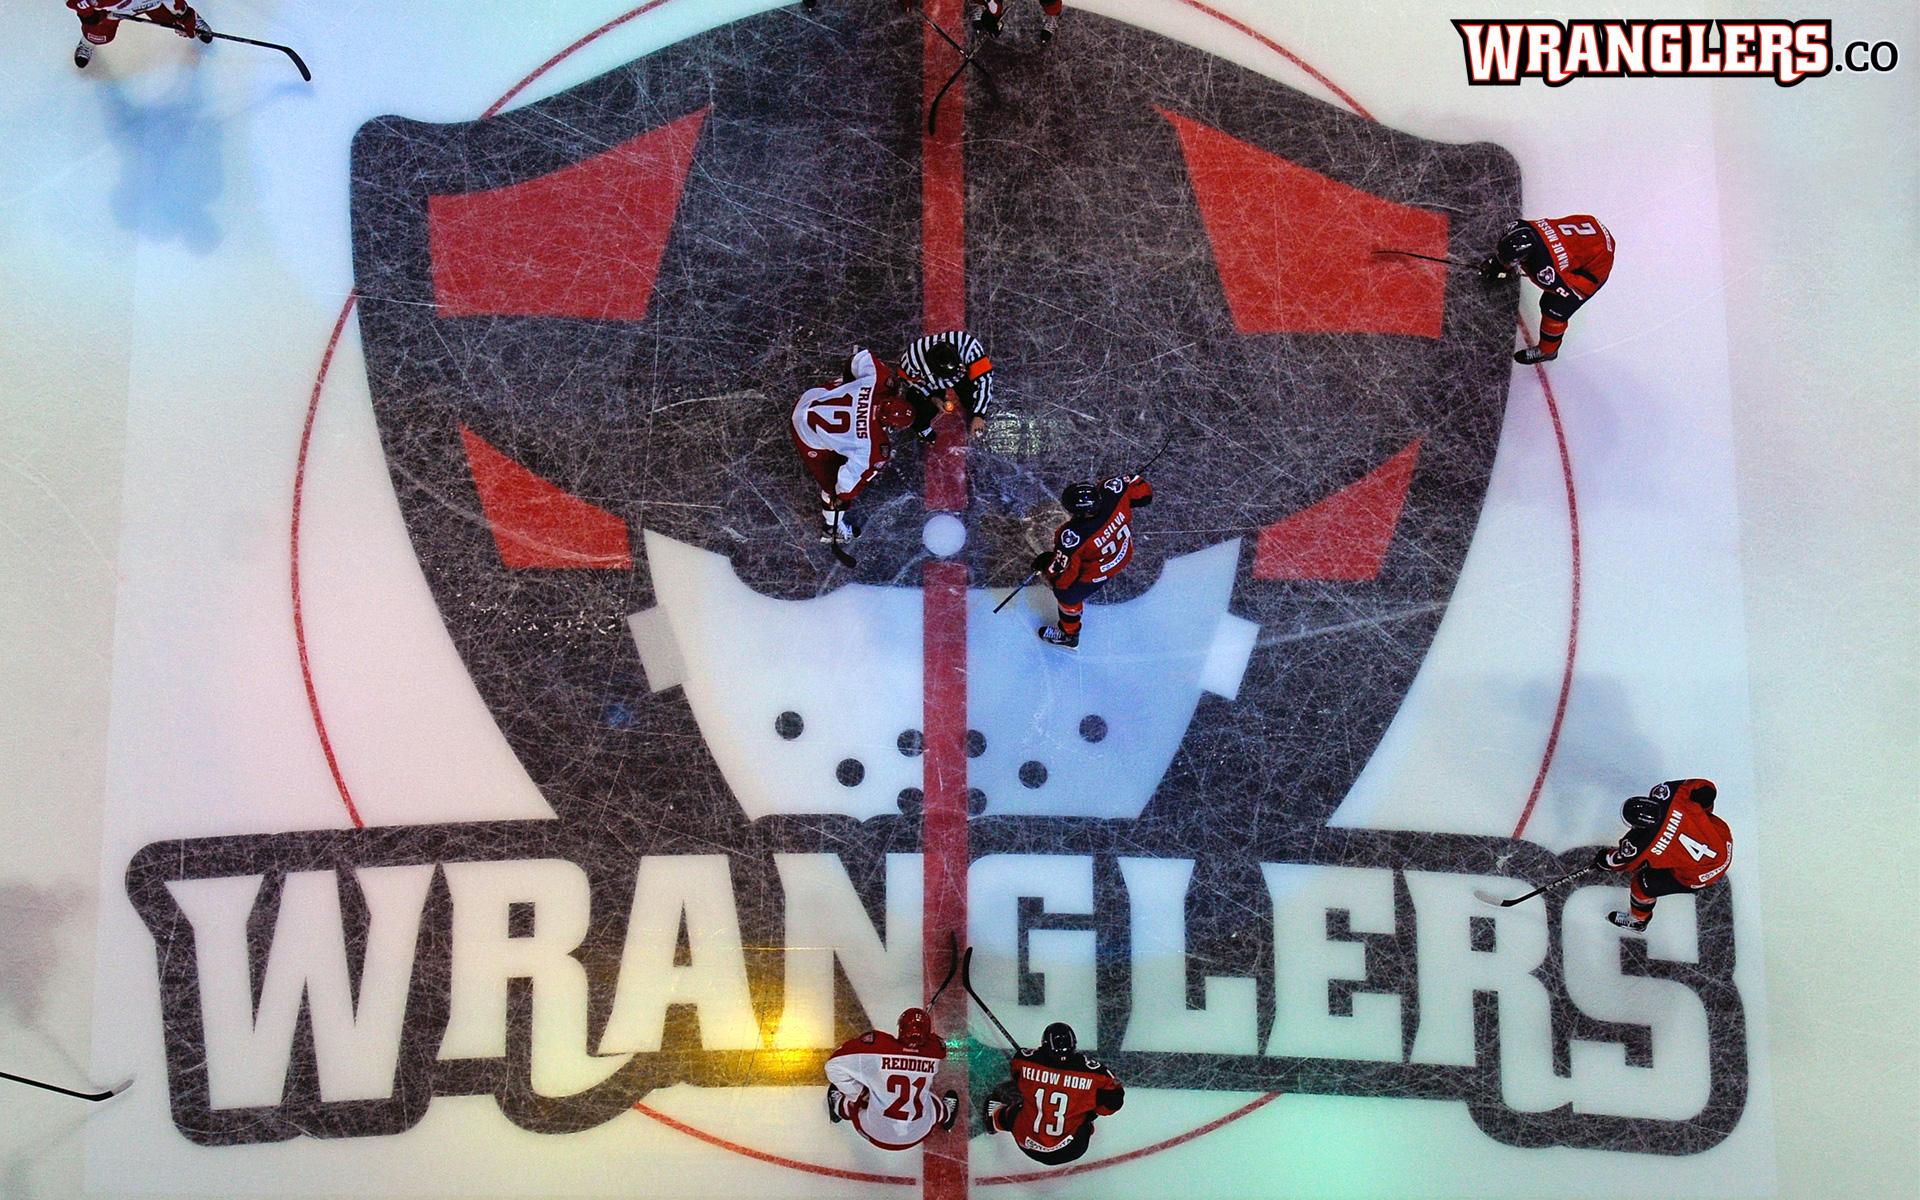 2013 Wranglers Ice 1920x1200